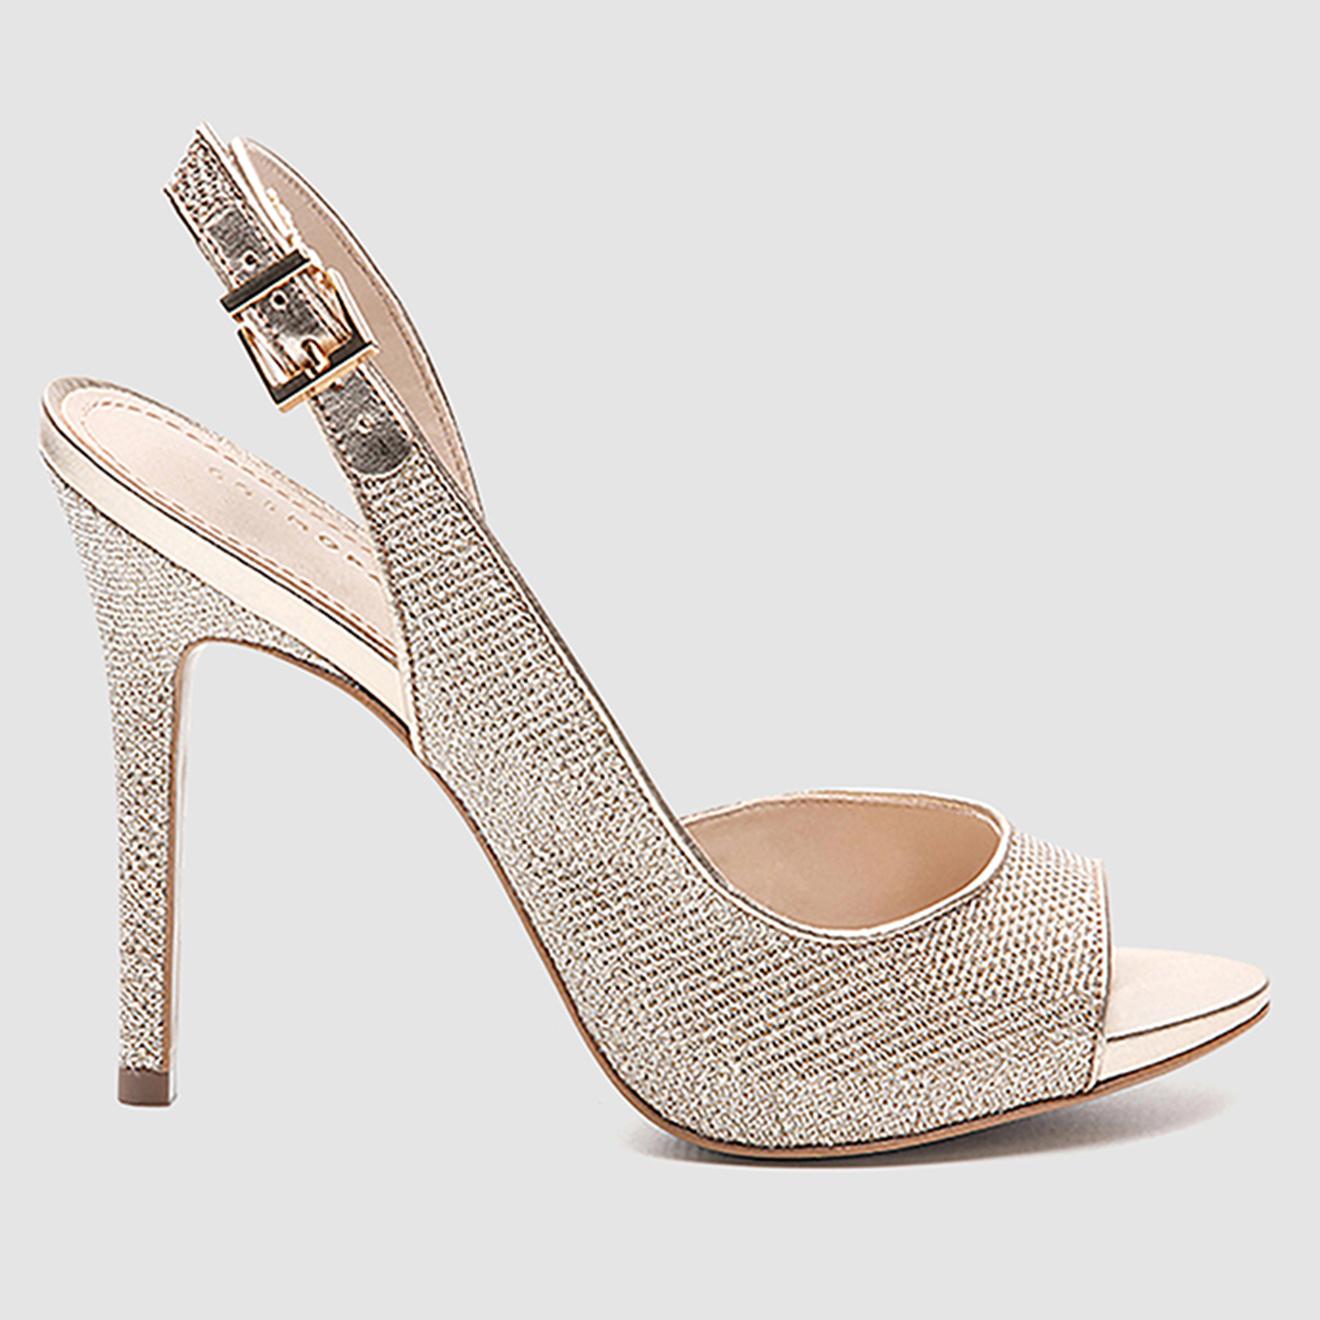 Sandales Joss à paillettes - Talon 10 cm - Cosmoparis - Modalova